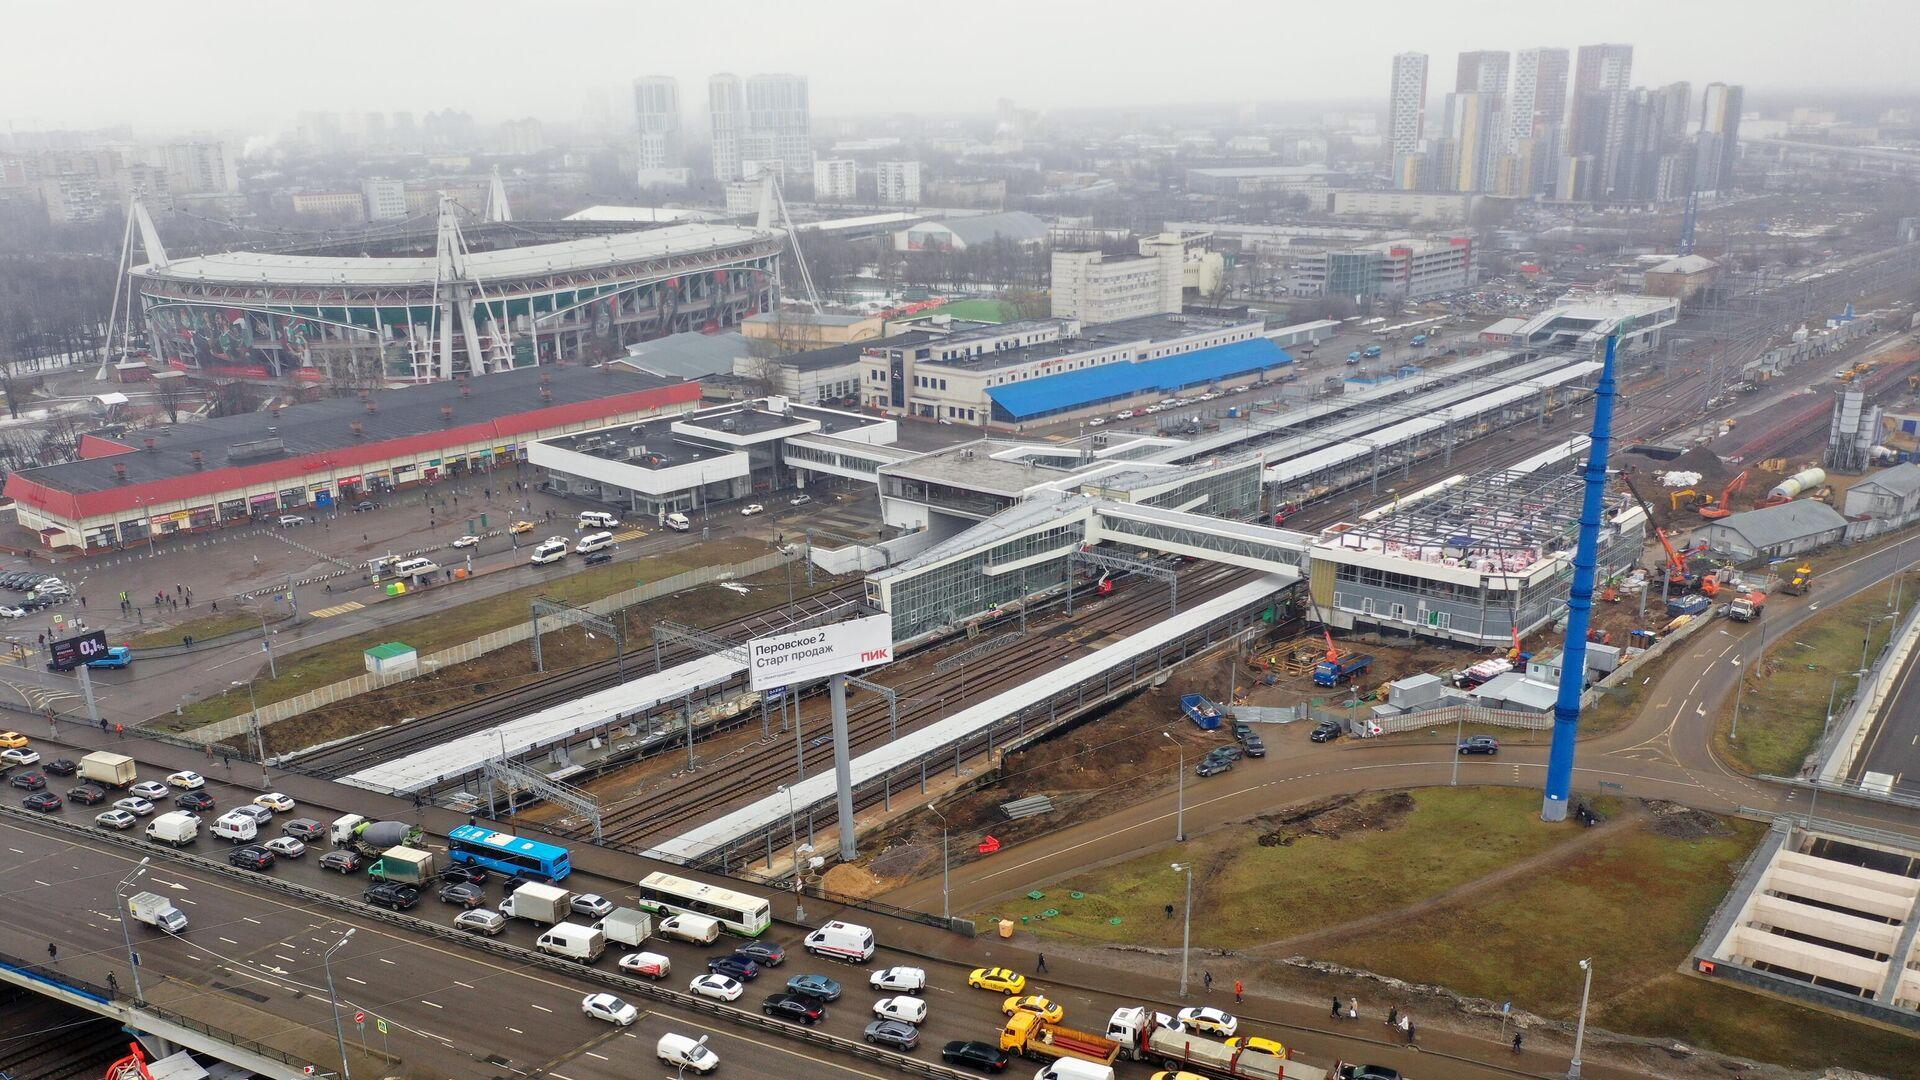 Строительство нового вокзального комплекса Восточный - РИА Новости, 1920, 13.04.2021